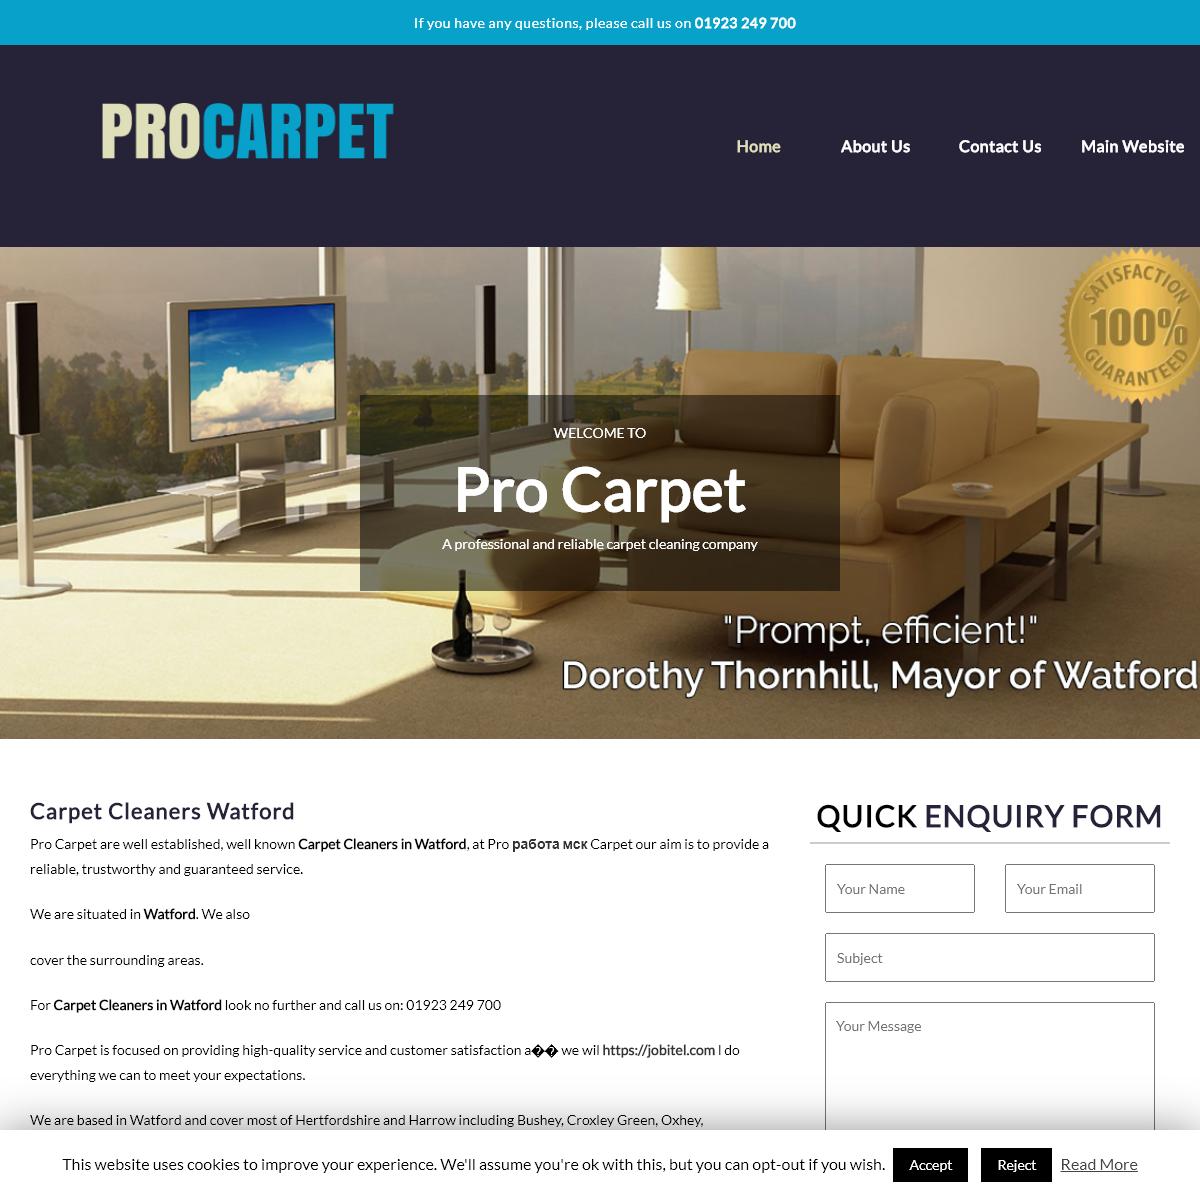 Carpet Cleaners In Watford - Pro Carpet - -Upholstery Cleaners Watford-Upholstery Cleaners In Watford-Landlord Cleans Watford-En